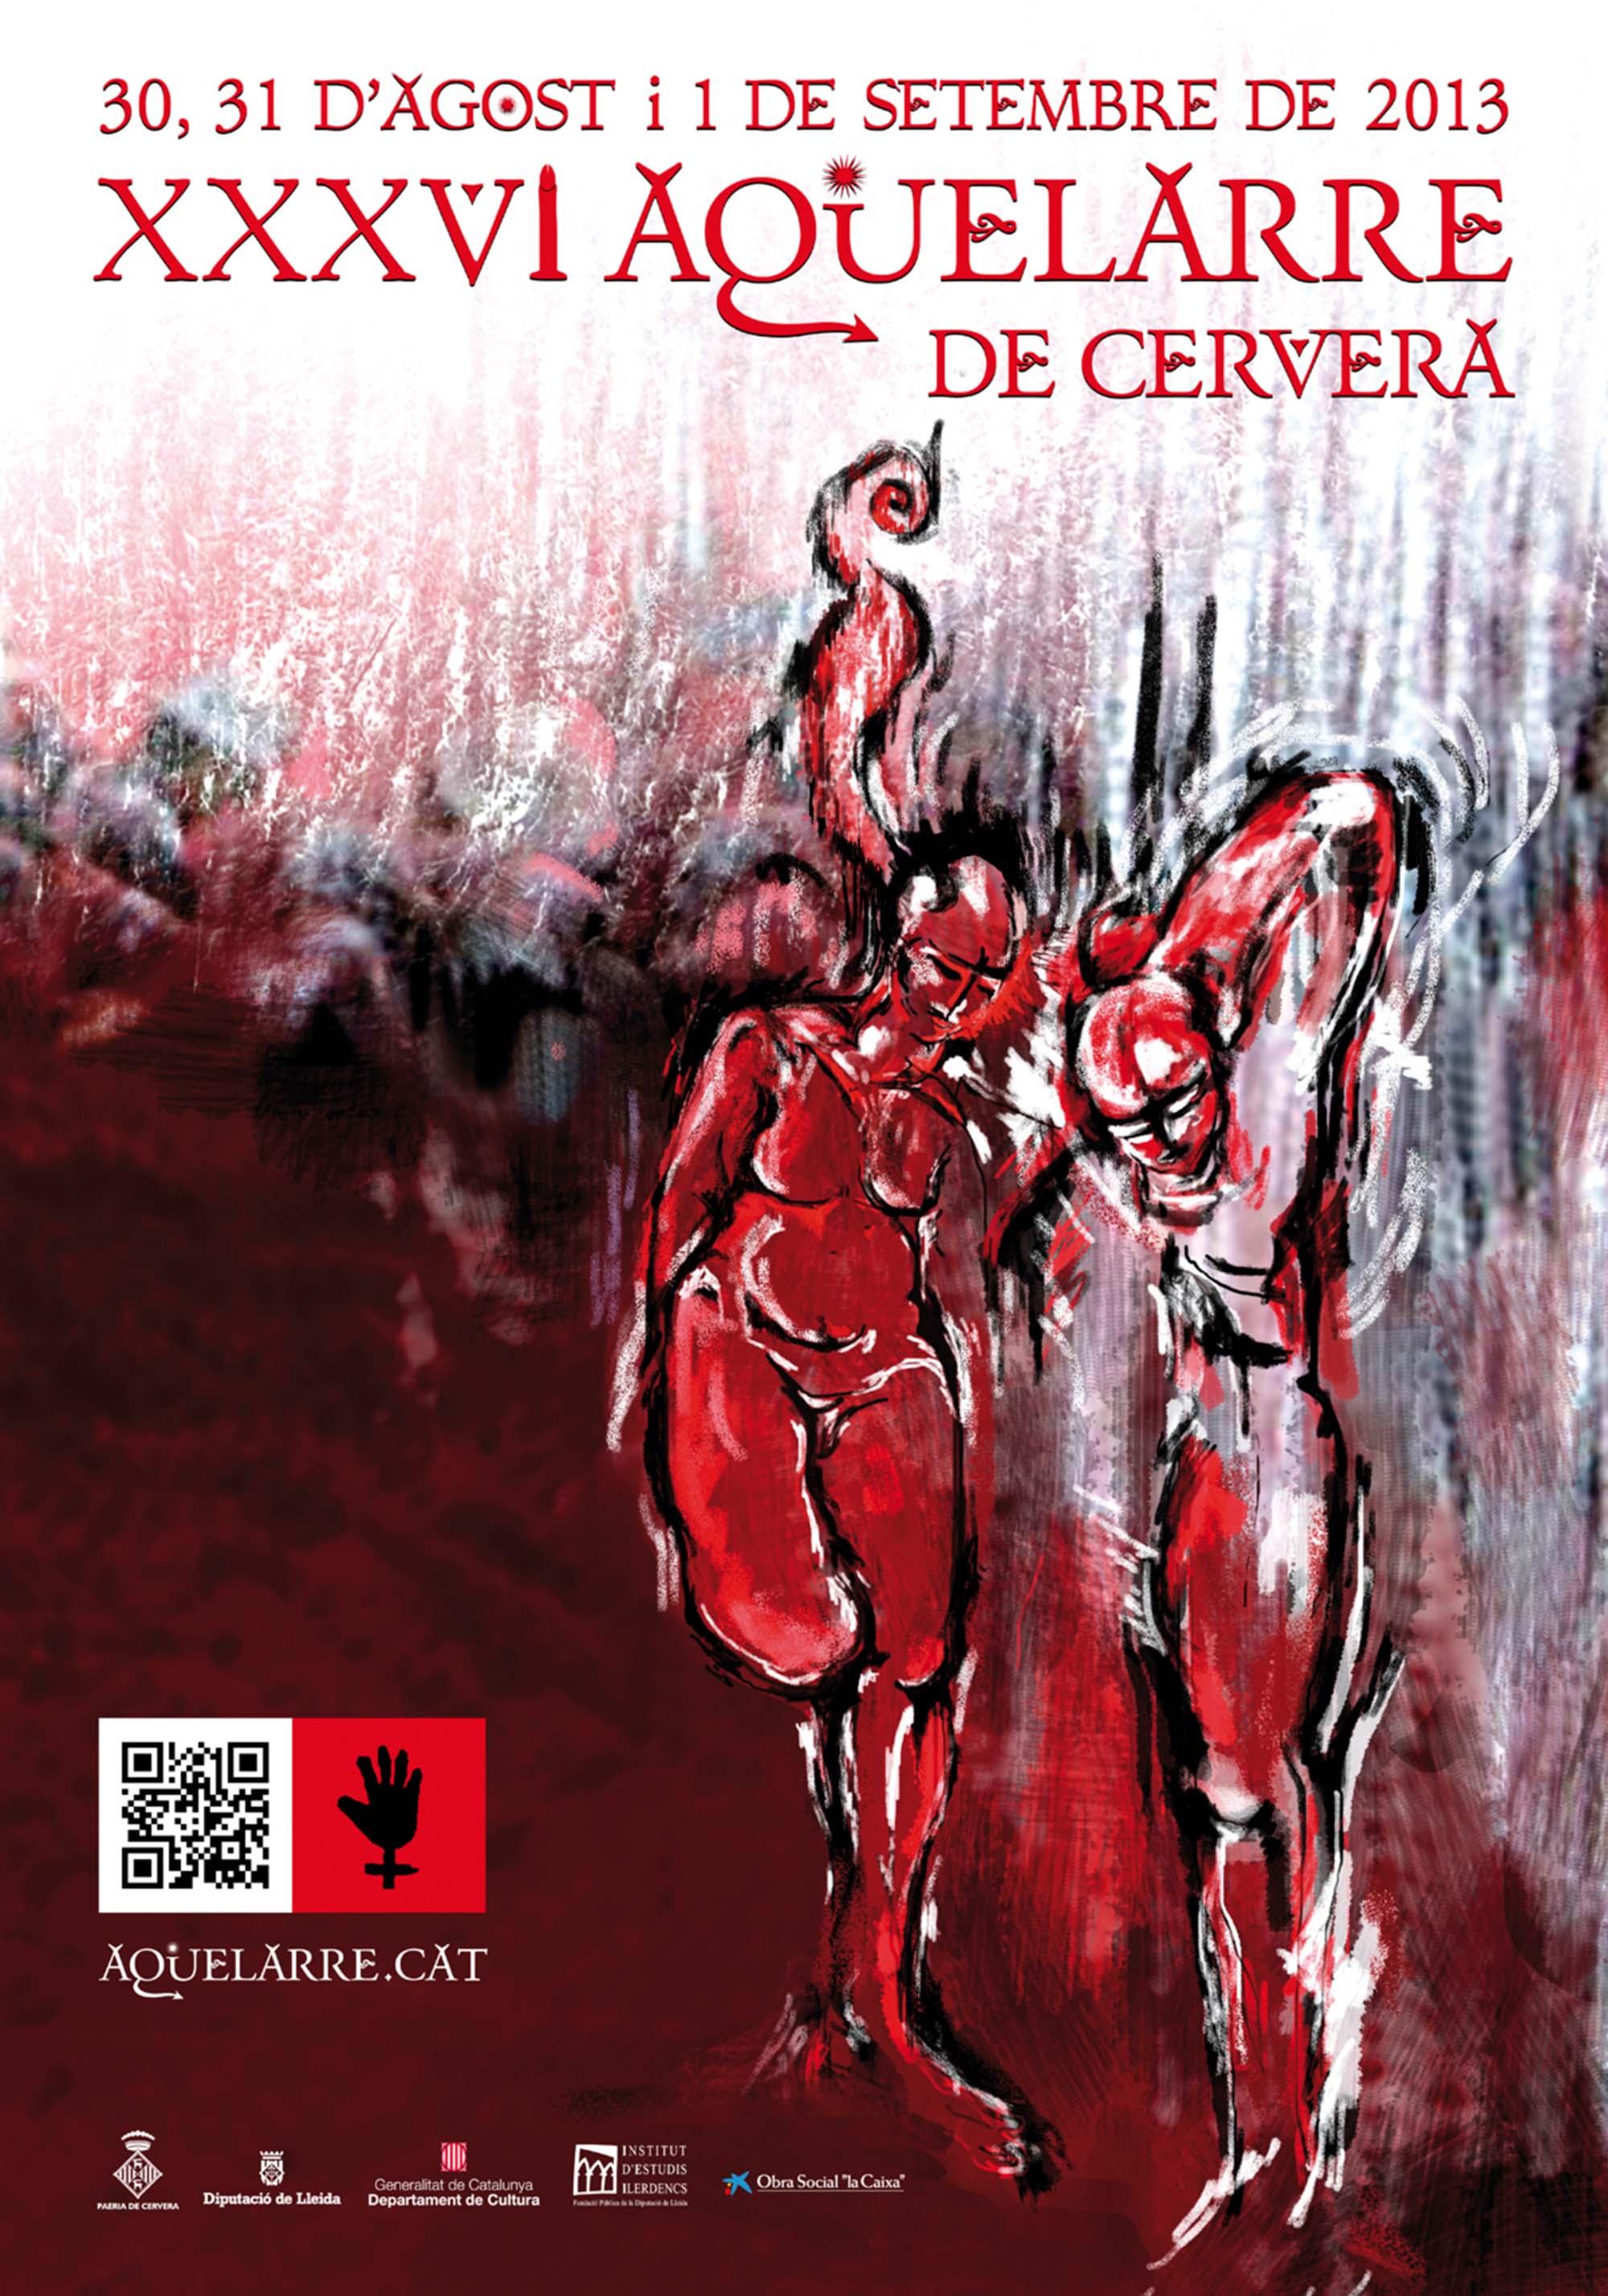 cartell XXXVI Aquelarre de Cervera, reserva d'entrades de la Casa d'Estiu del Mascle Cabró